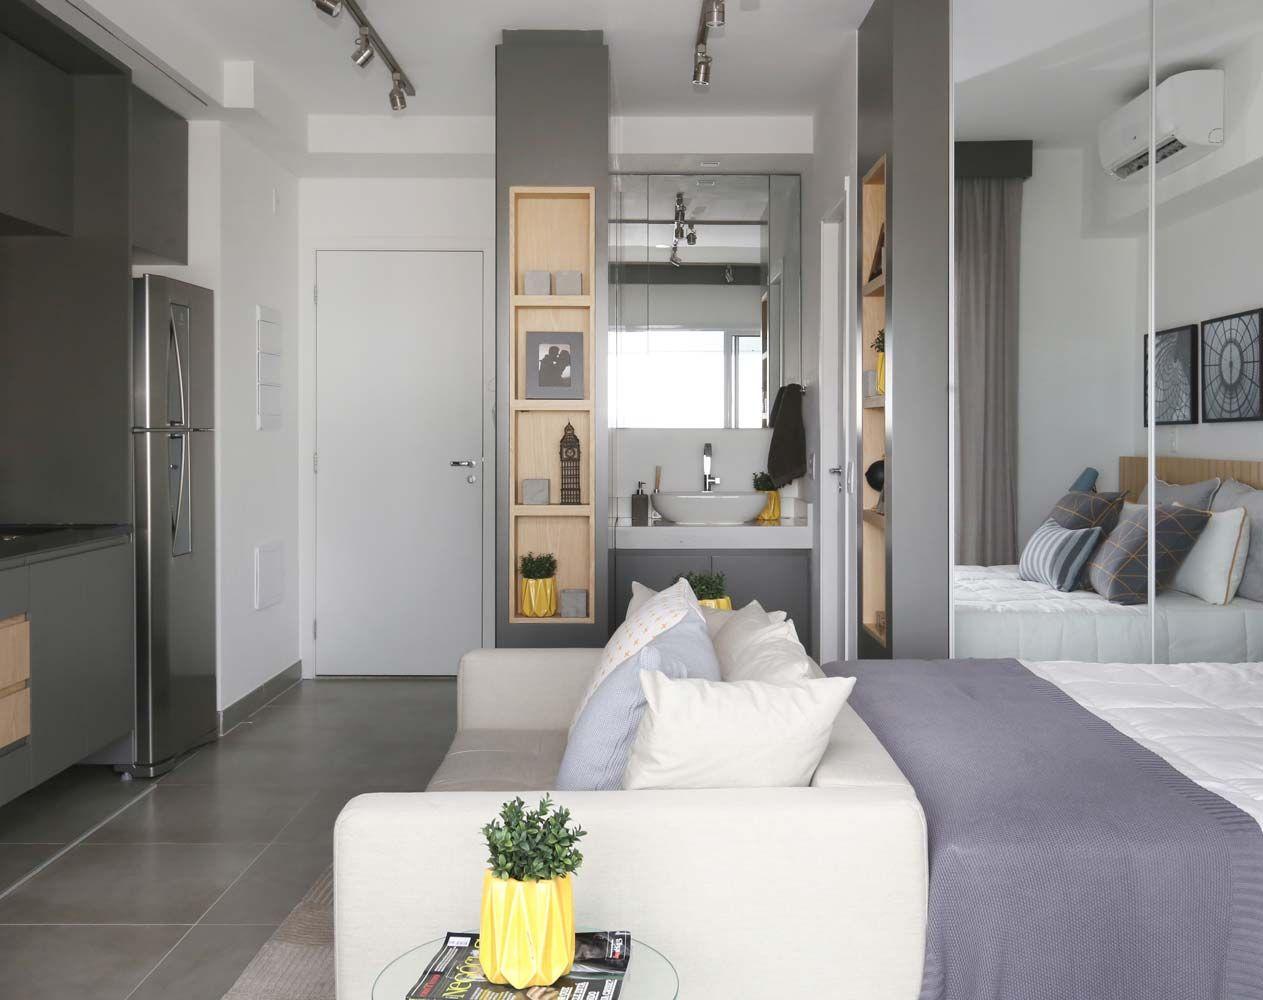 Apartamento Pequeno Com Ambientes Integrados De Sesso Dalanezi  ~ Banheiro Integrado Ao Quarto E Quarto Pequeno De Menino